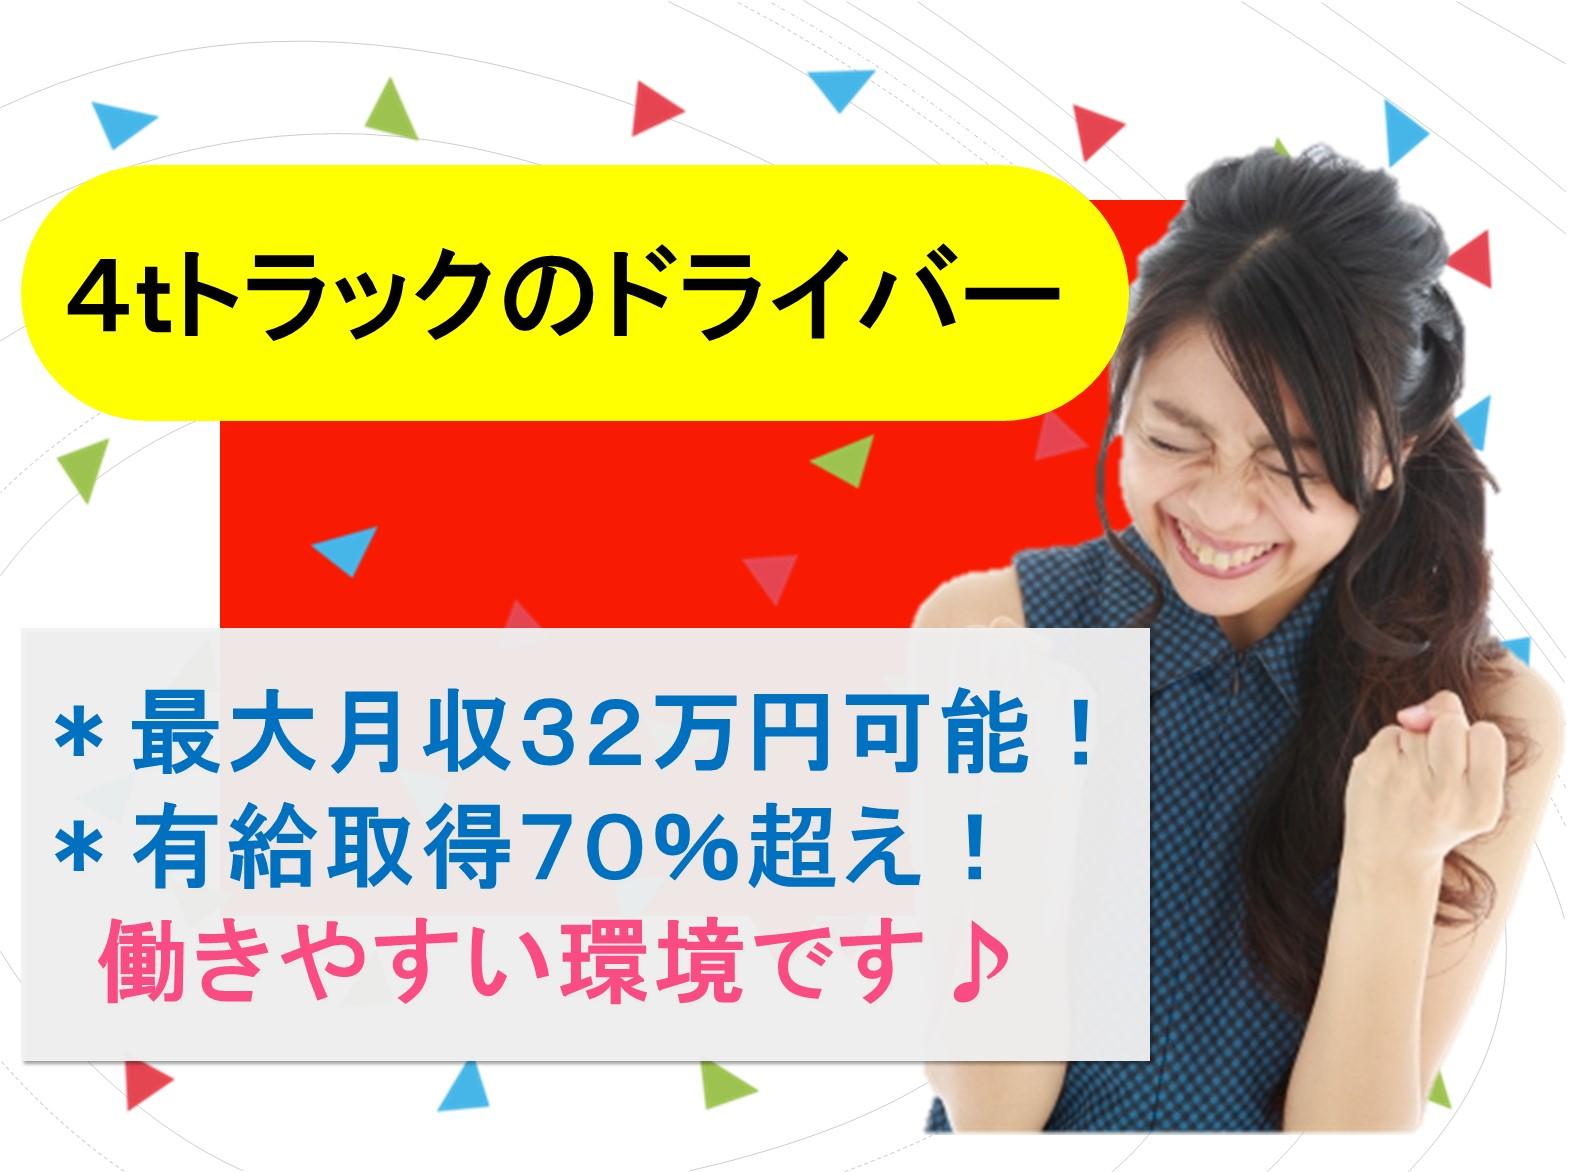 最大月収32万円可能です!◇4tトラックドライバー◇有休取得70%超え♪ イメージ